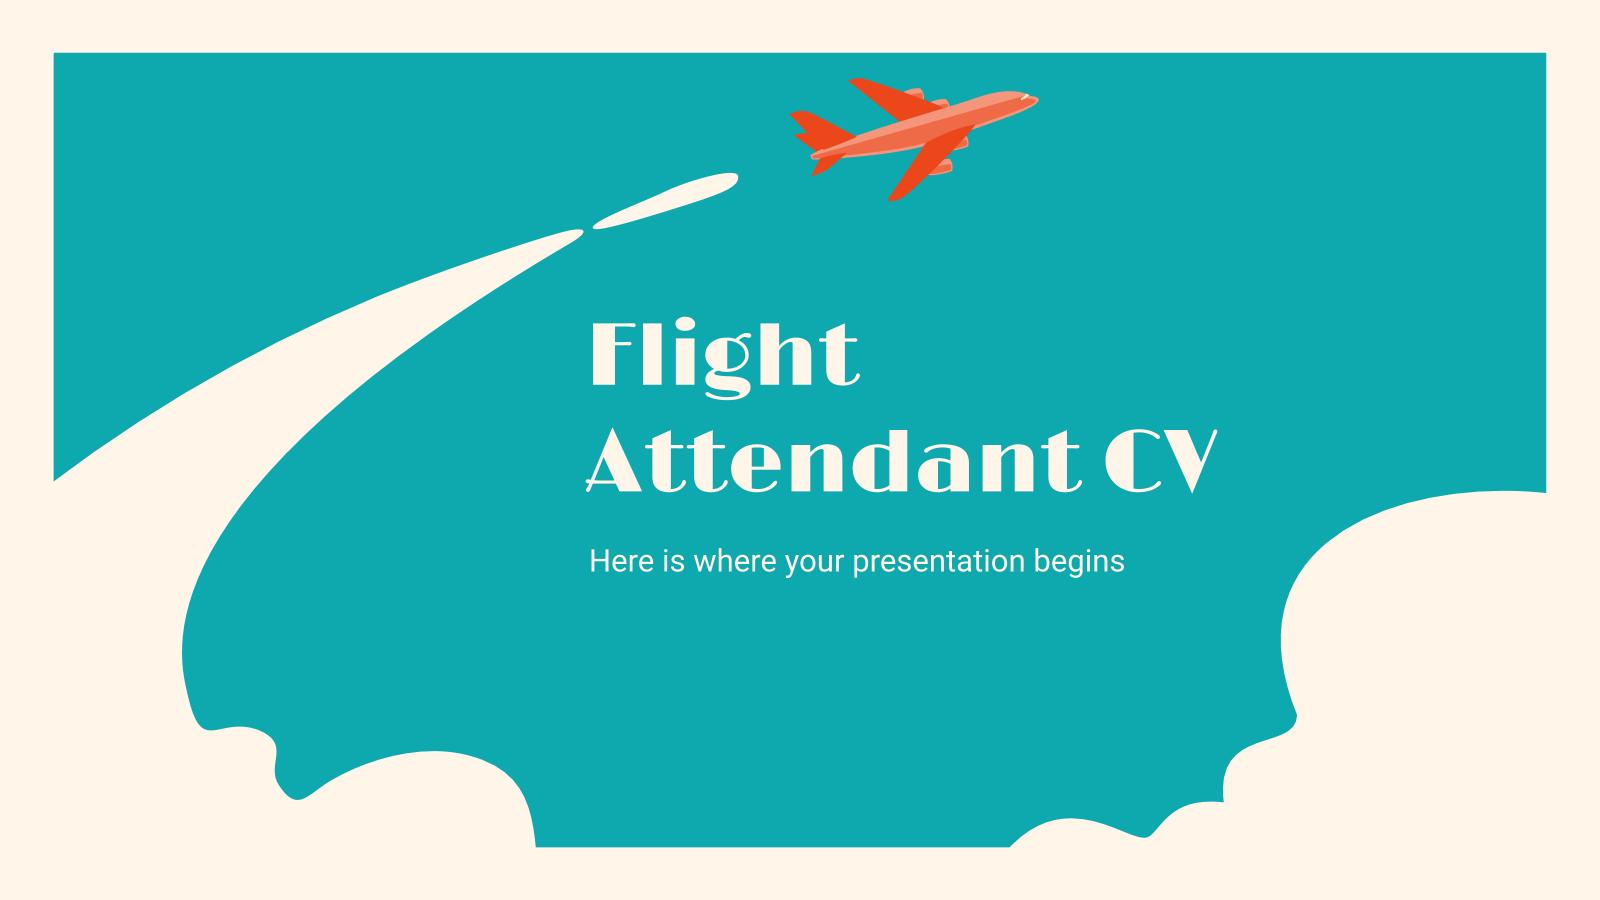 Plantilla de presentación CV de auxiliar de vuelo